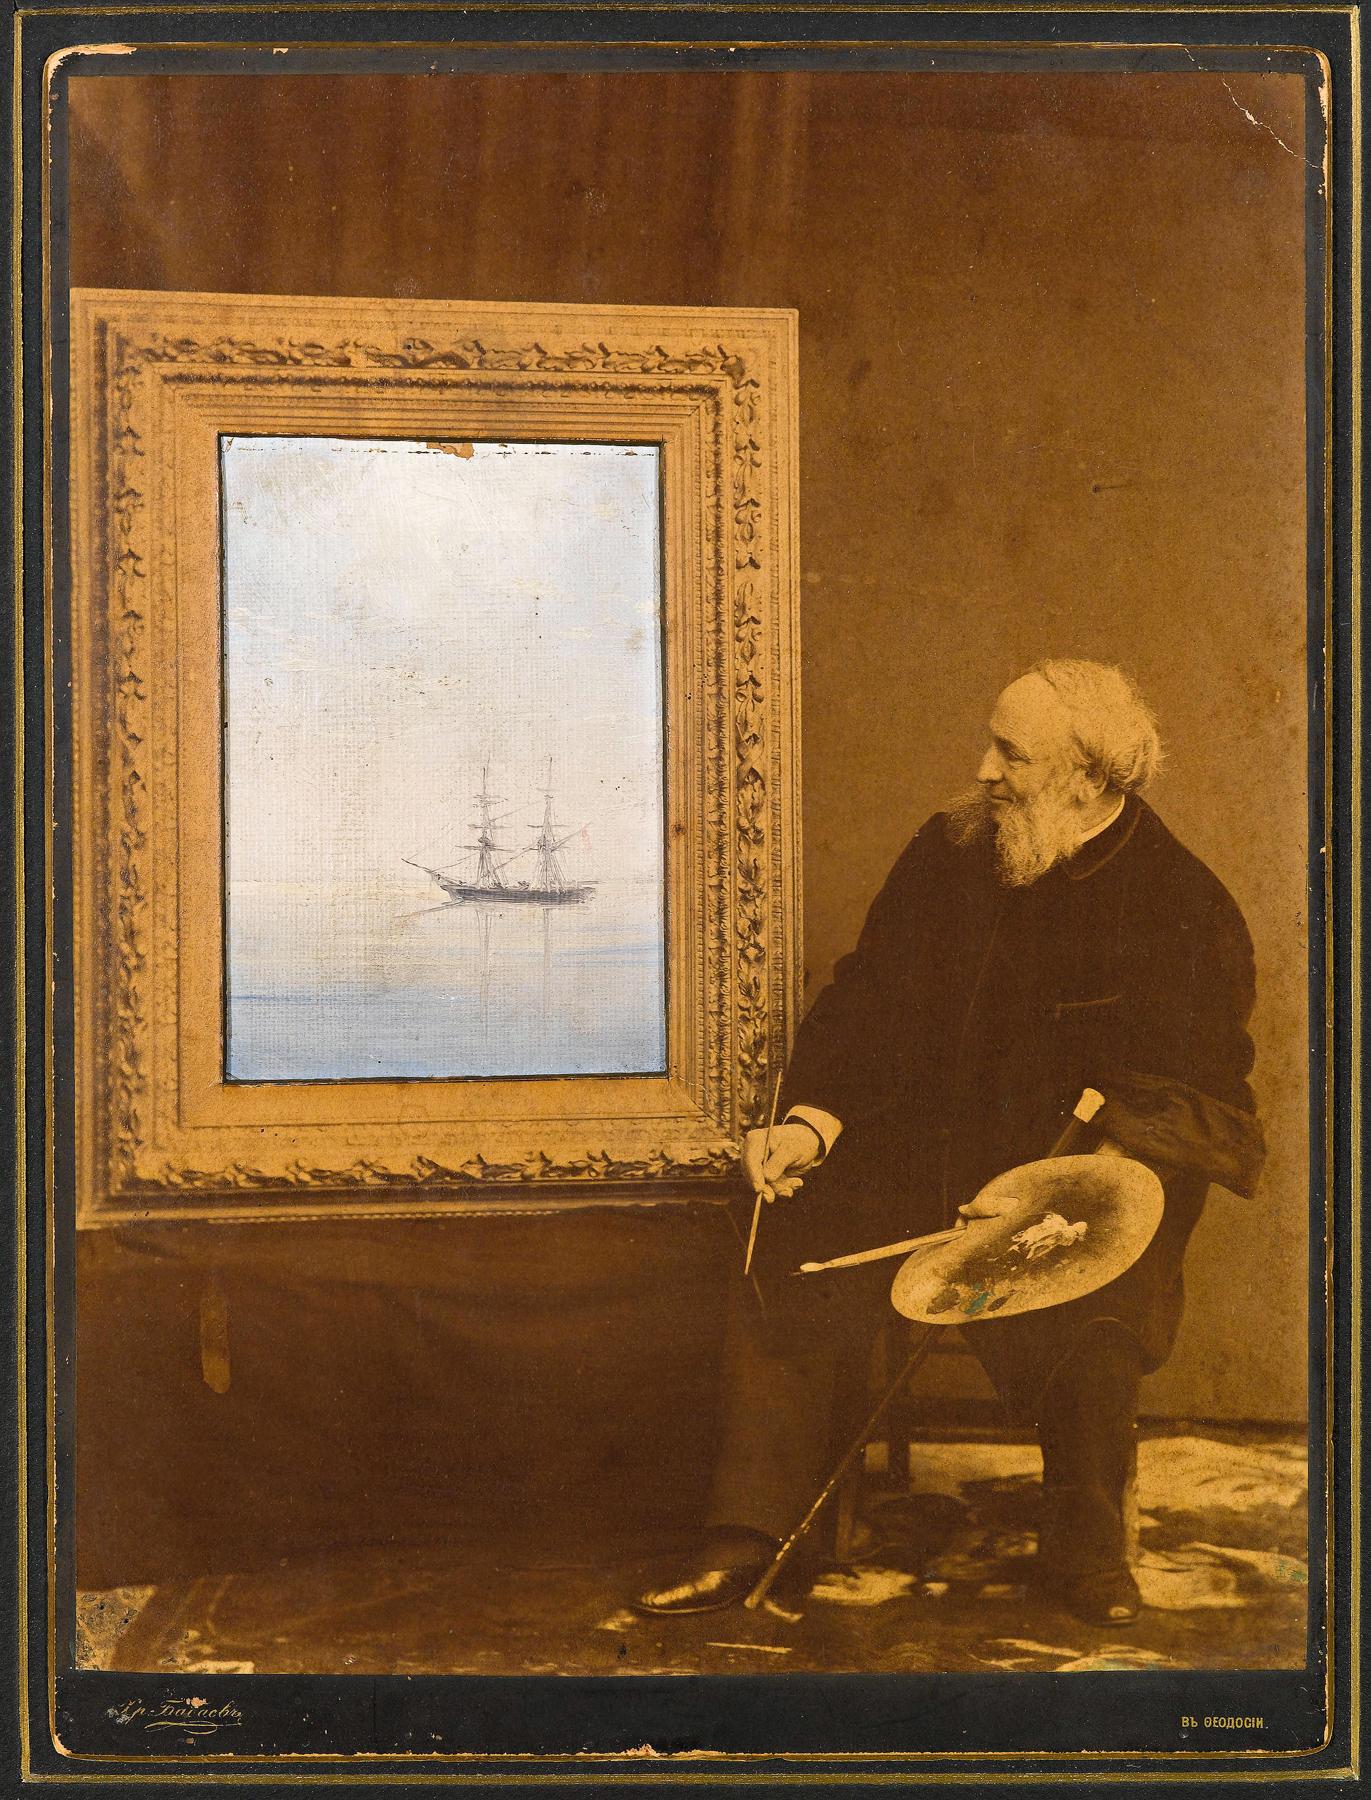 Meister des Pinsels, Herr der Meere - Dorotheum Kunst Blog